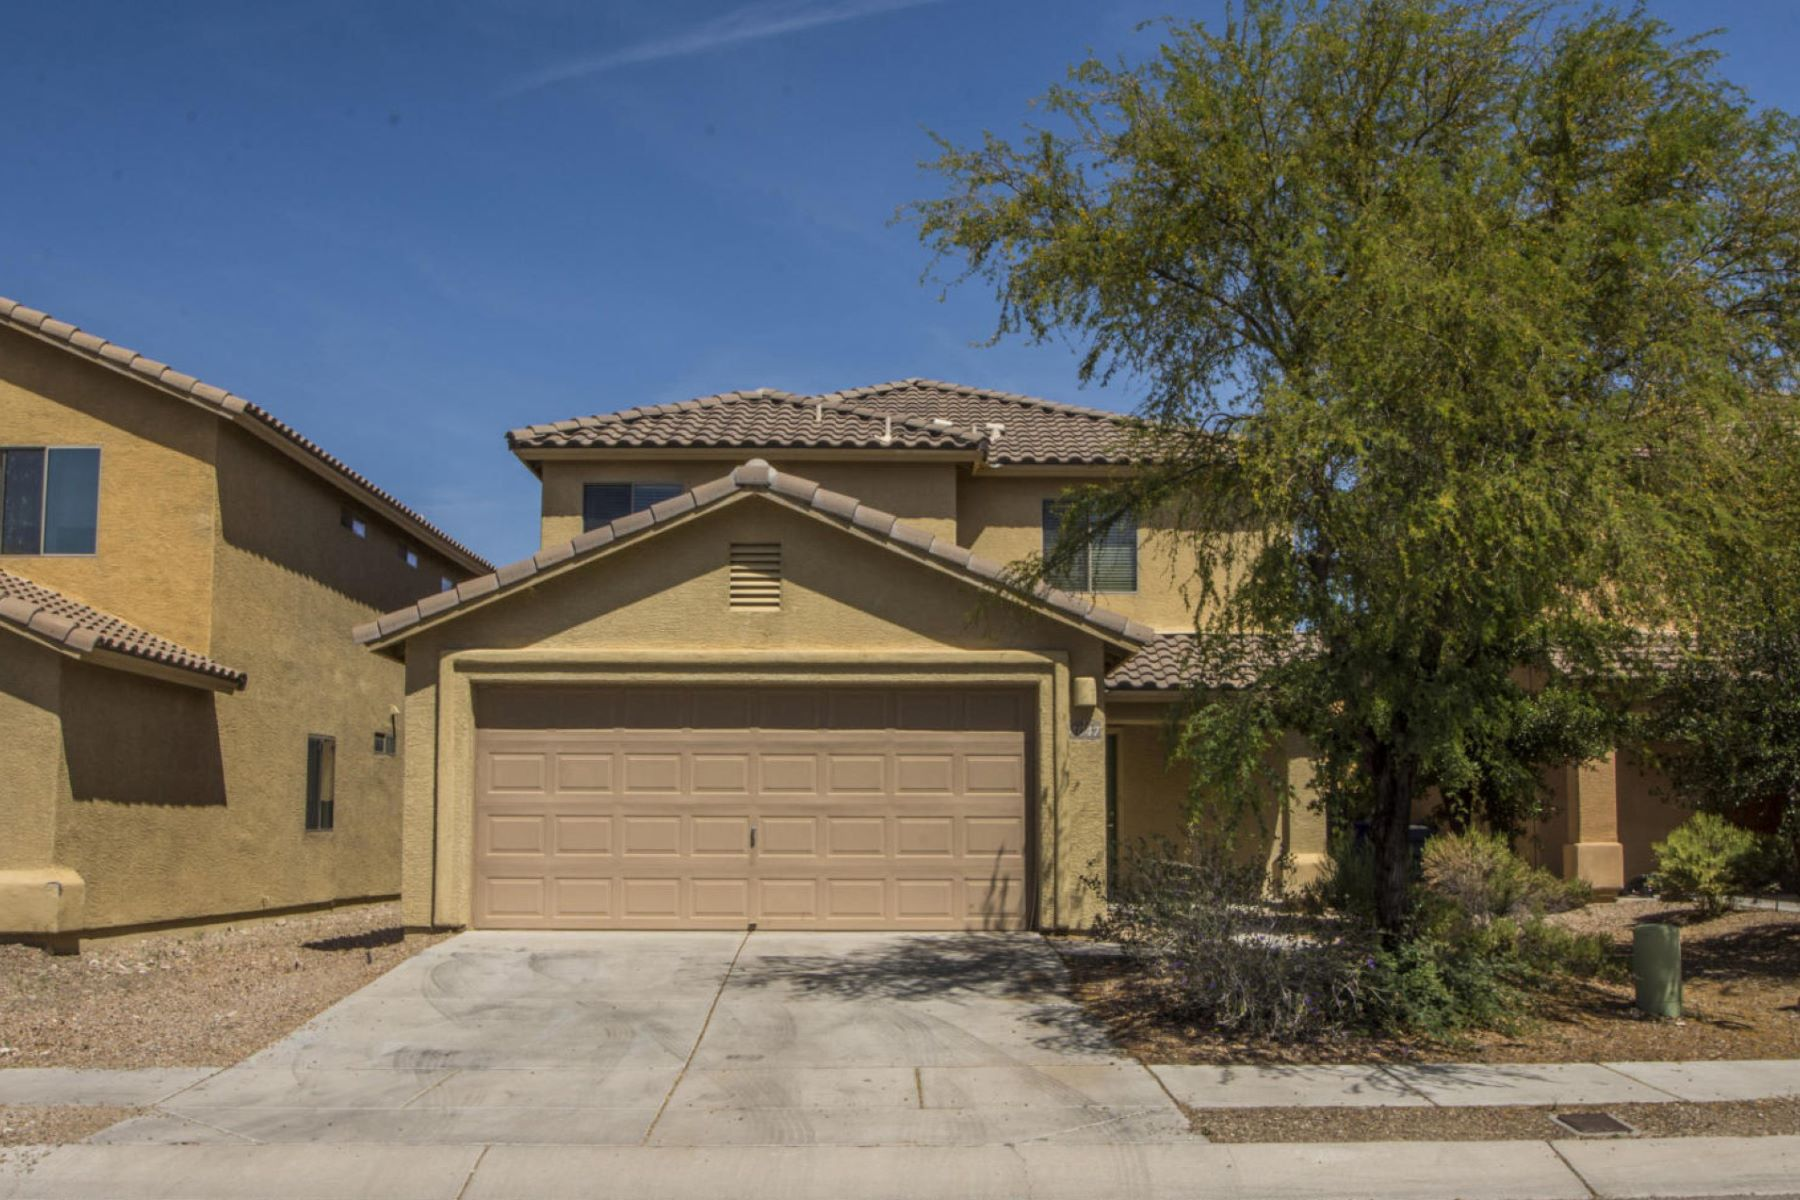 Maison unifamiliale pour l Vente à Great Neighborhood! 4047 E Angel Spirit Drive Tucson, Arizona, 85756 États-Unis